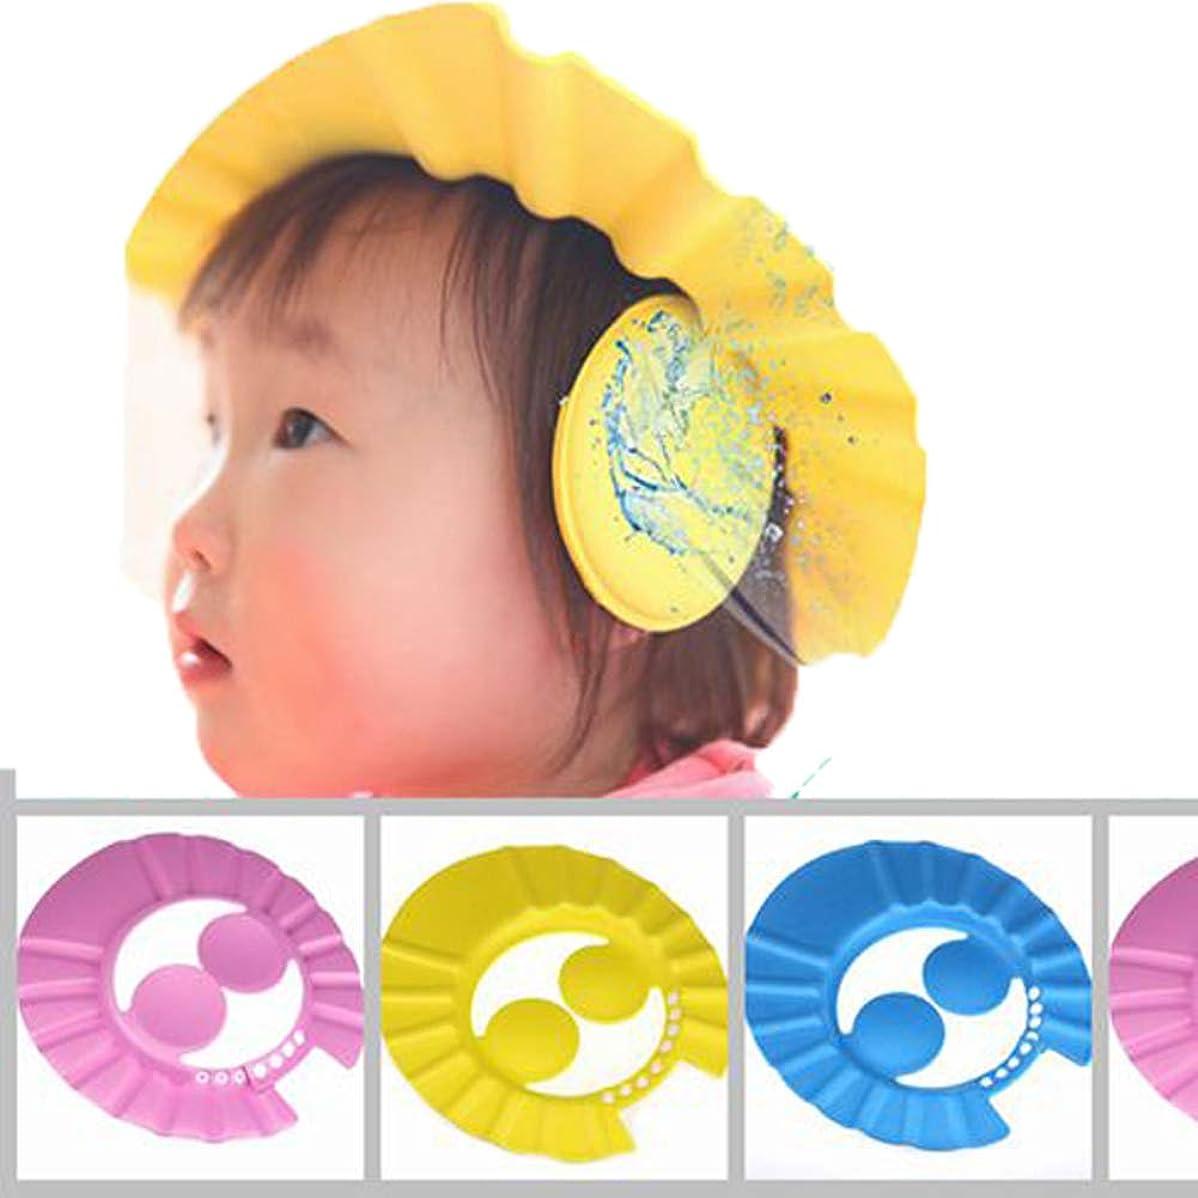 デイジー守る暗い(デマ―クト)De.Markt かわいいシャンプーハット 耳のシールド付き ベビー キッズ 子供 シャワーキャップ シャワー用防水帽 サイズ調節可能